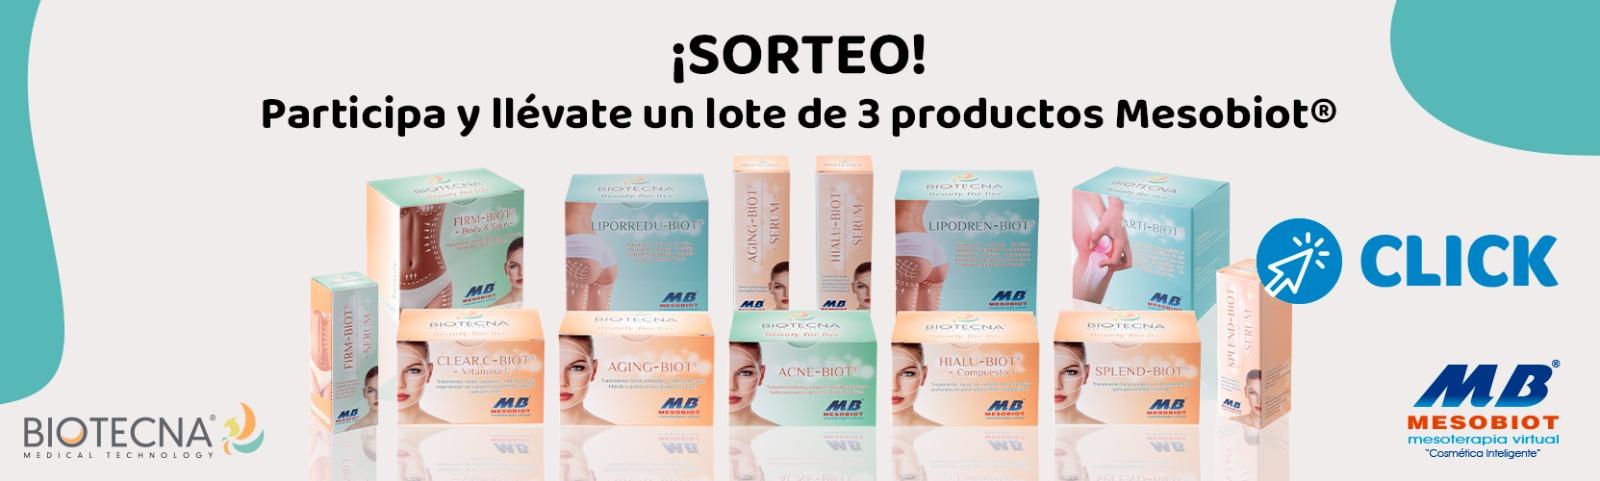 Productos-Sorteo-Biotecna_2020-09